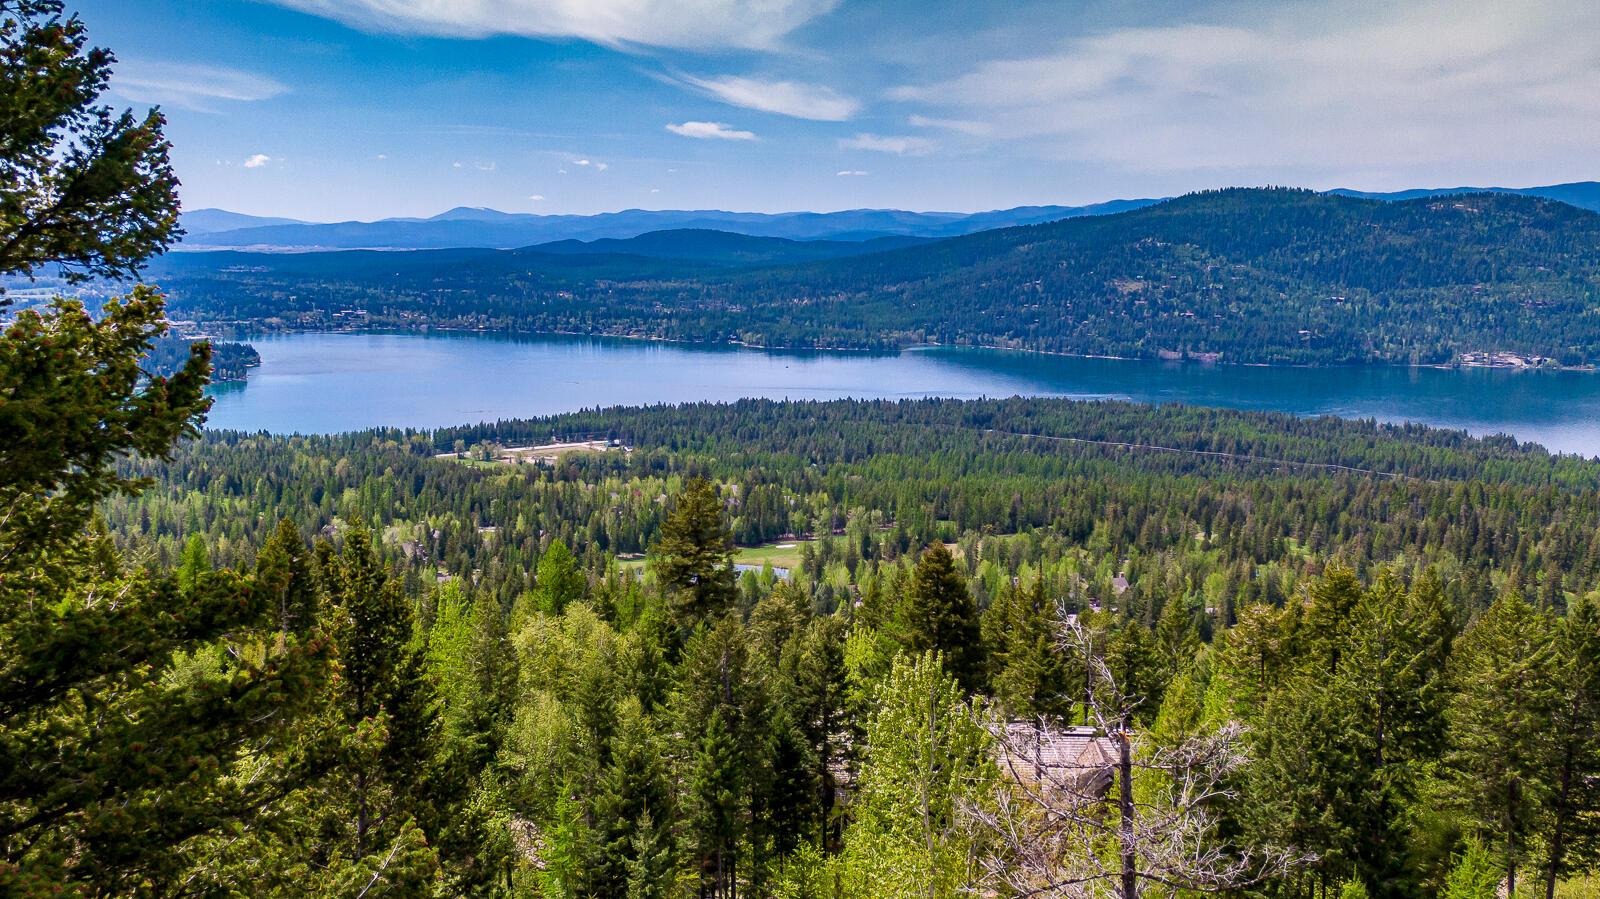 Whitefish Lake View